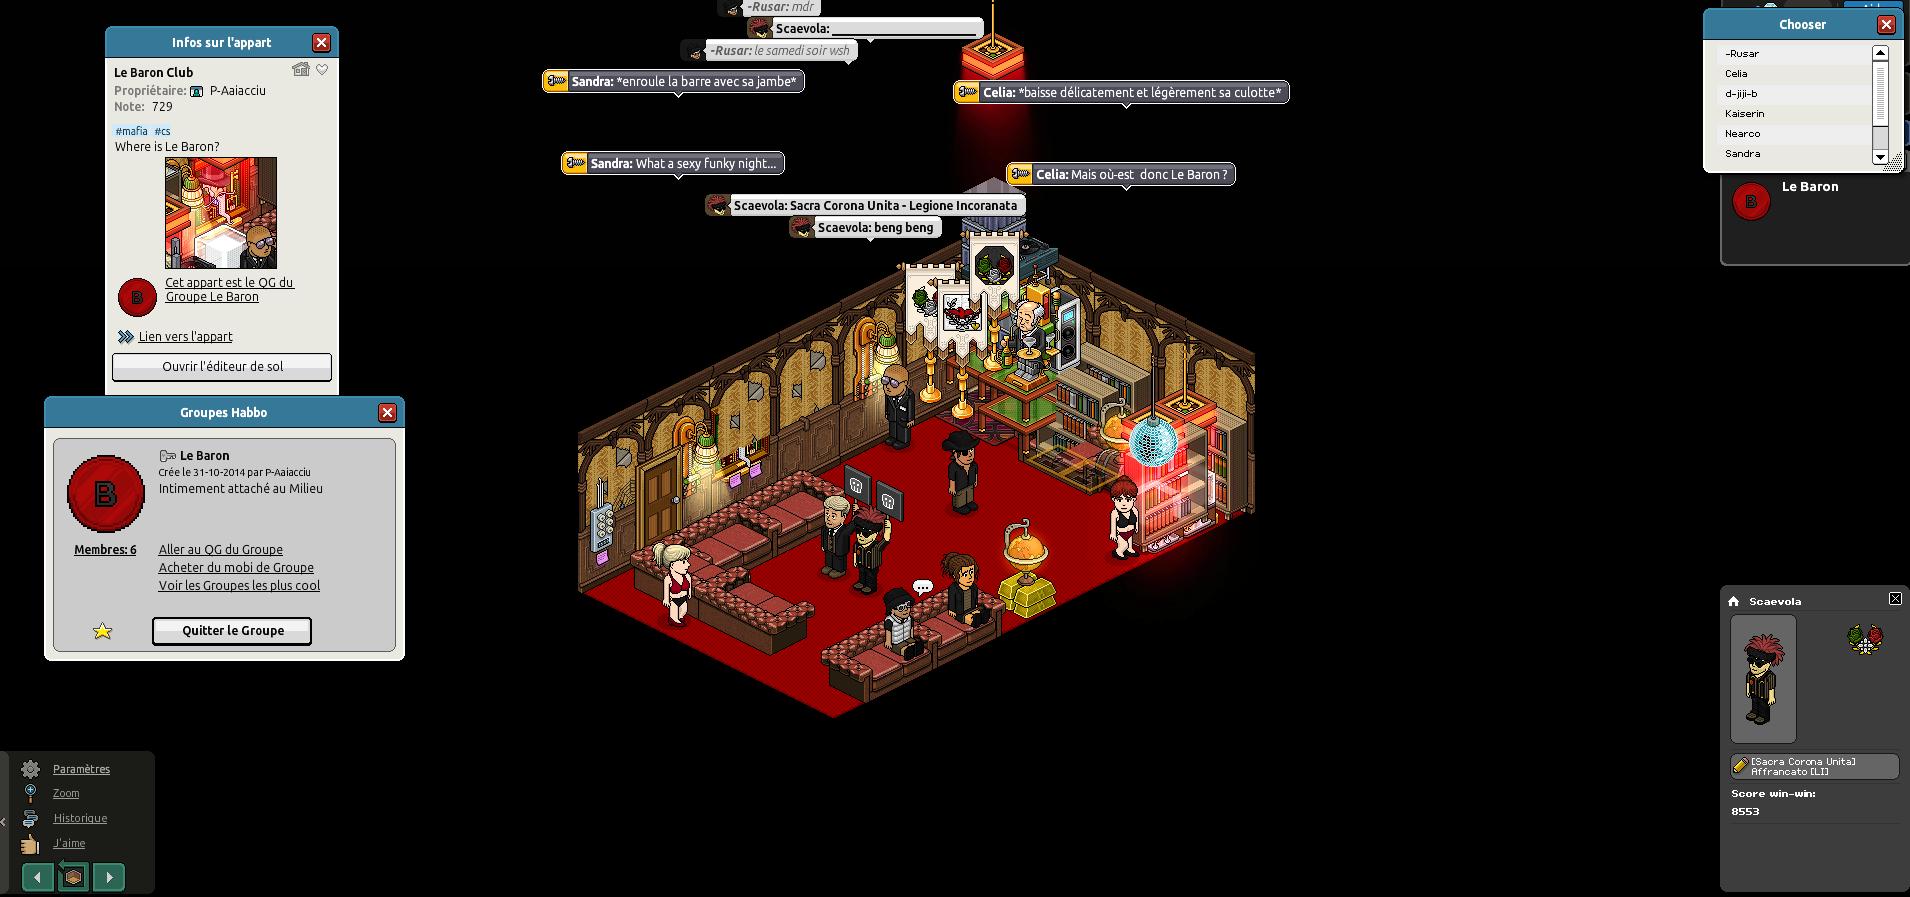 [Scaevola] Le Baron Club [Crime Syndicate] [31-07-15] 150731093245197242